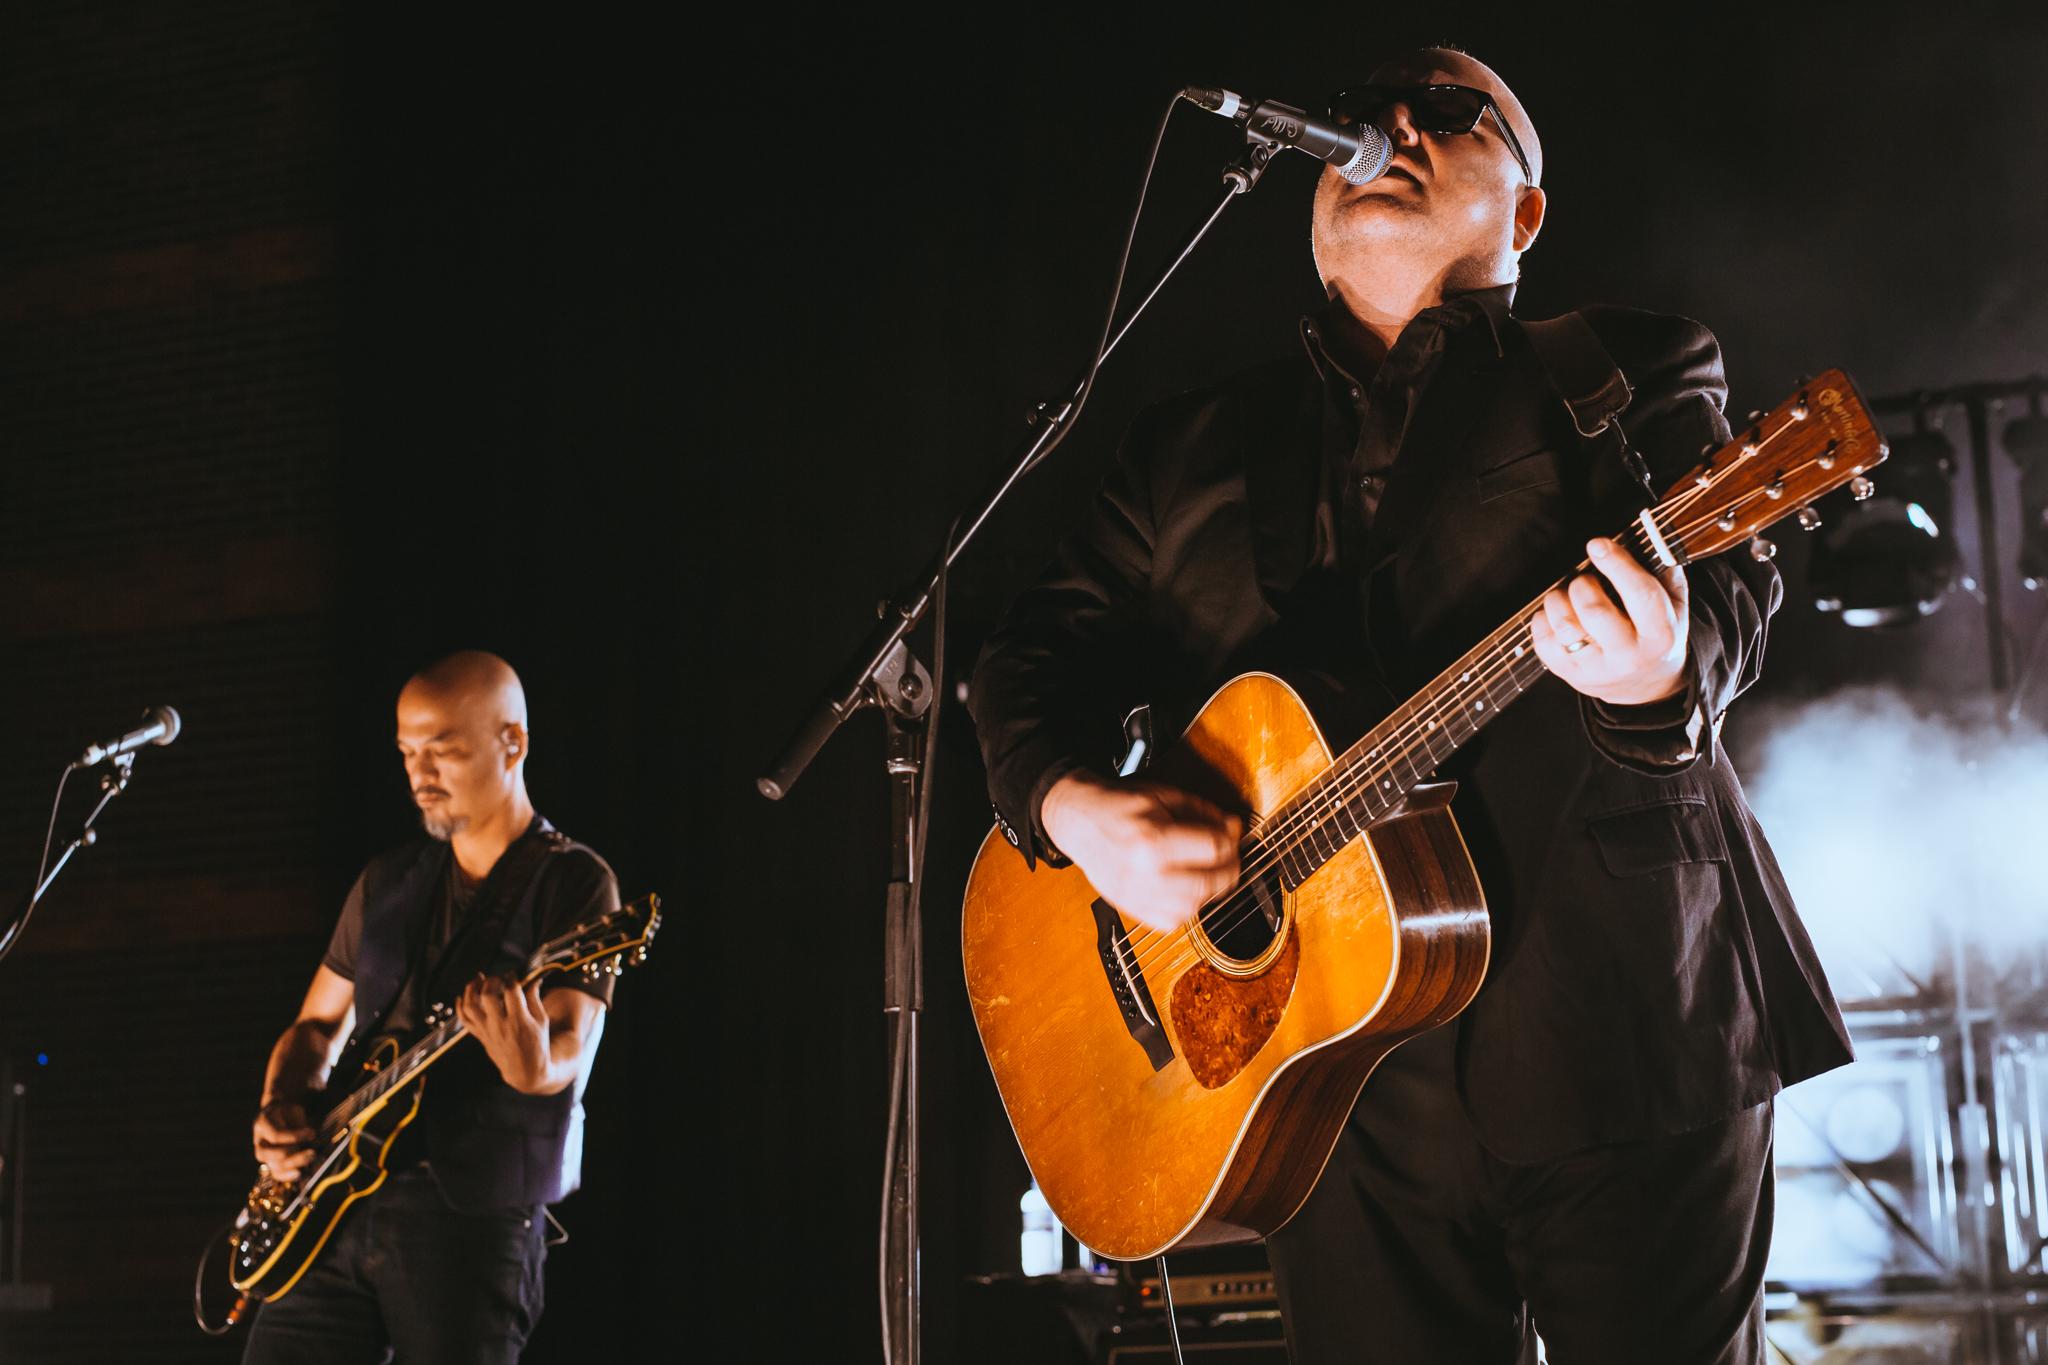 Mitch Lowe Photo - Pixies - Riverstage-3.jpg